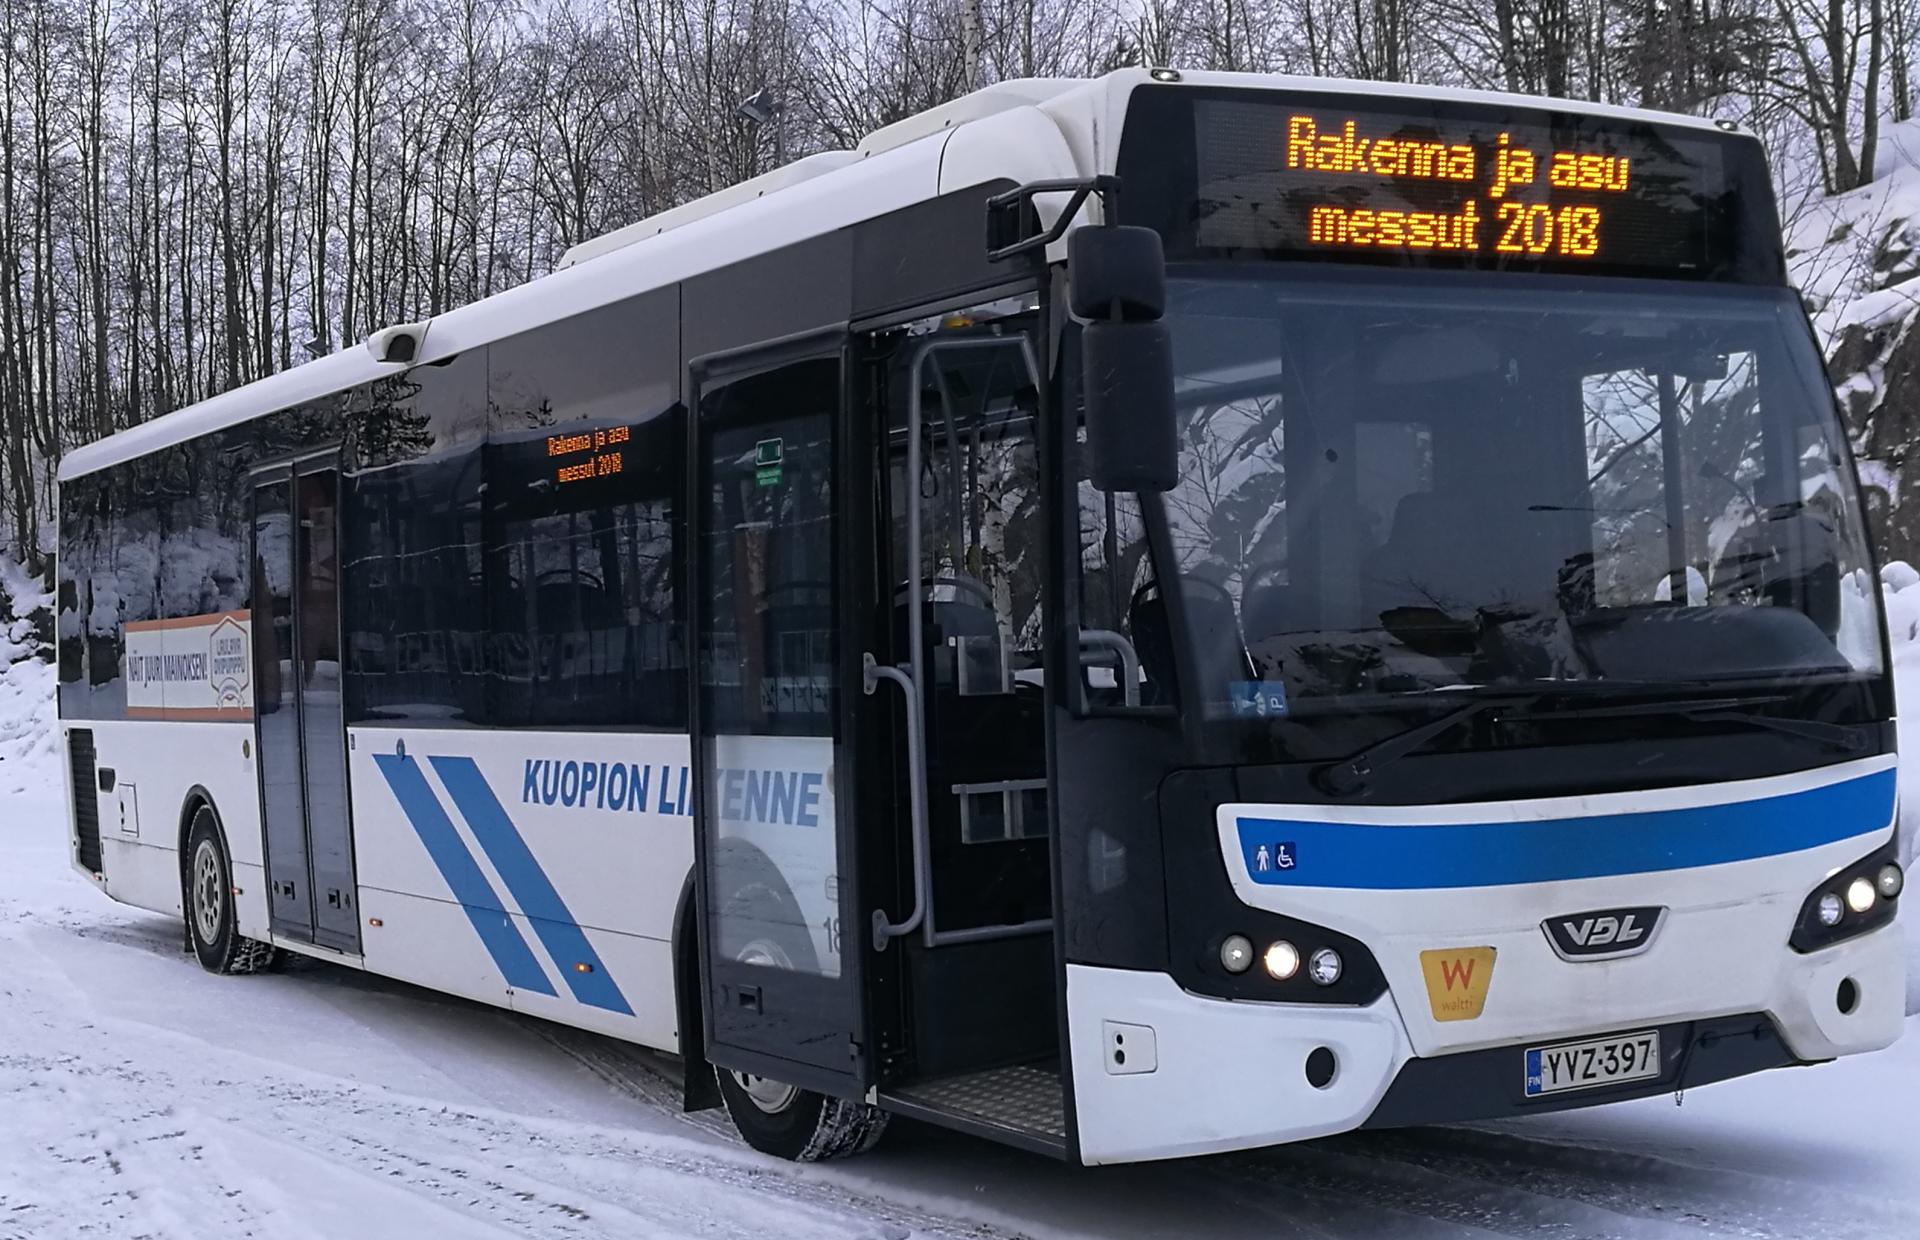 Ilmainen bussikuljetus